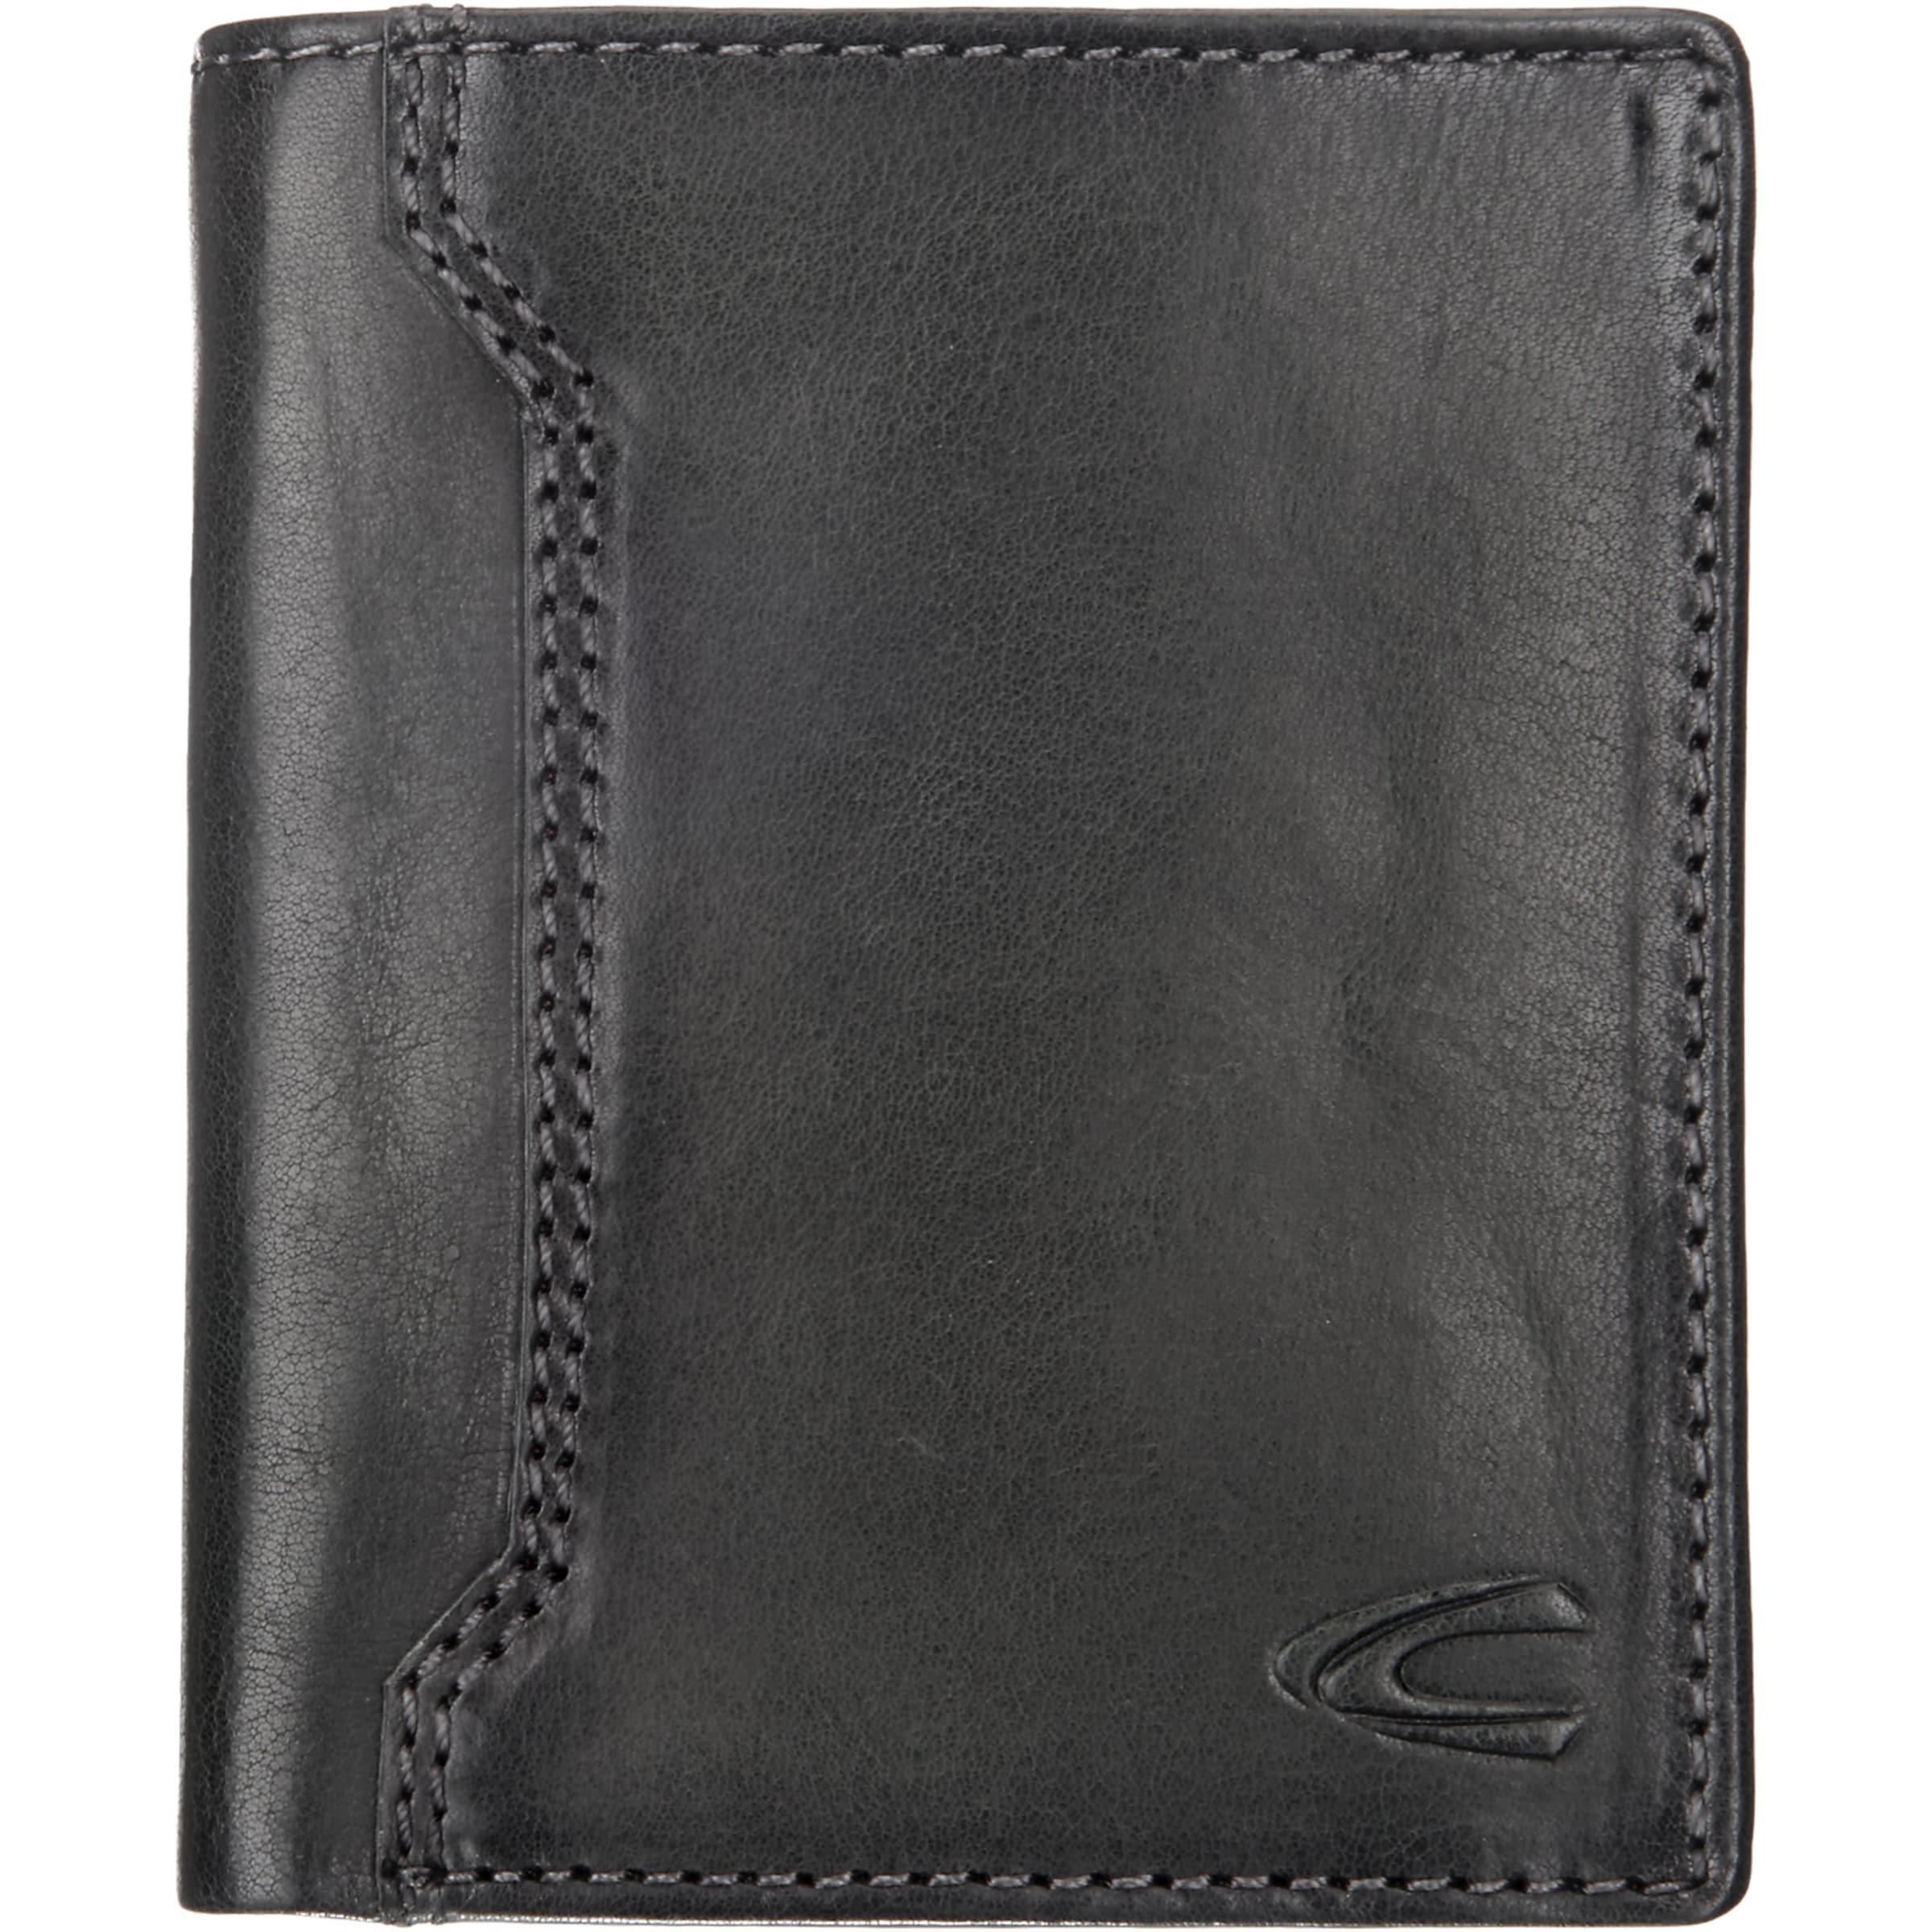 CAMEL ACTIVE Toldeo Geldbörse Leder 11 cm Billig Verkaufen Mode Spielraum Mit Paypal Billig Verkauf Neue Stile Schnell Express Online Kaufen PPcgG8